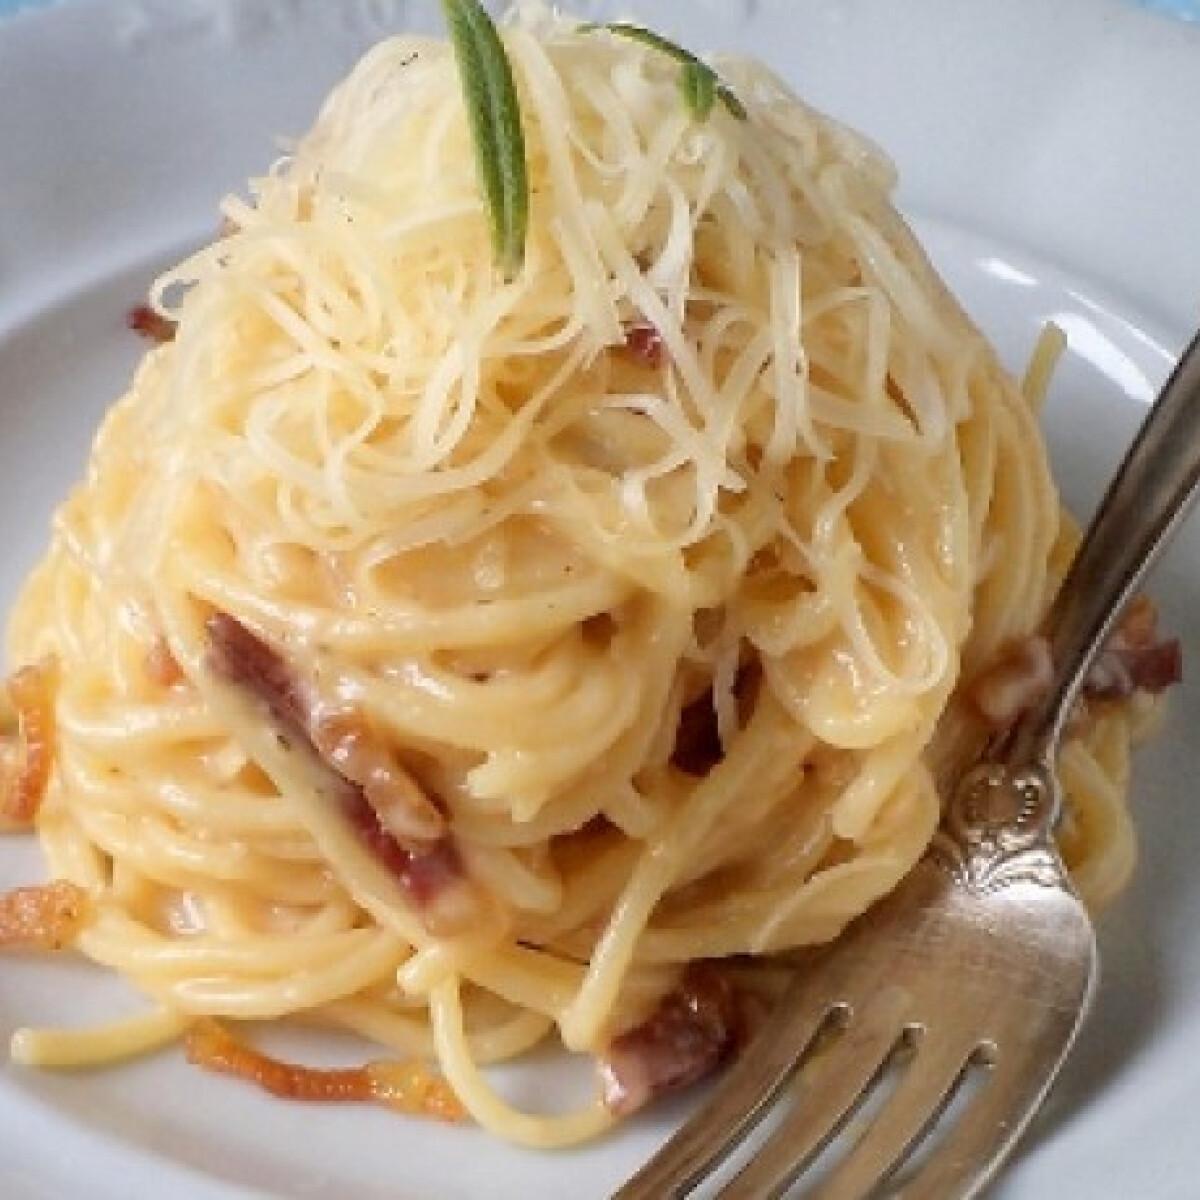 Ezen a képen: Spagetti carbonara Tündér konyhájából